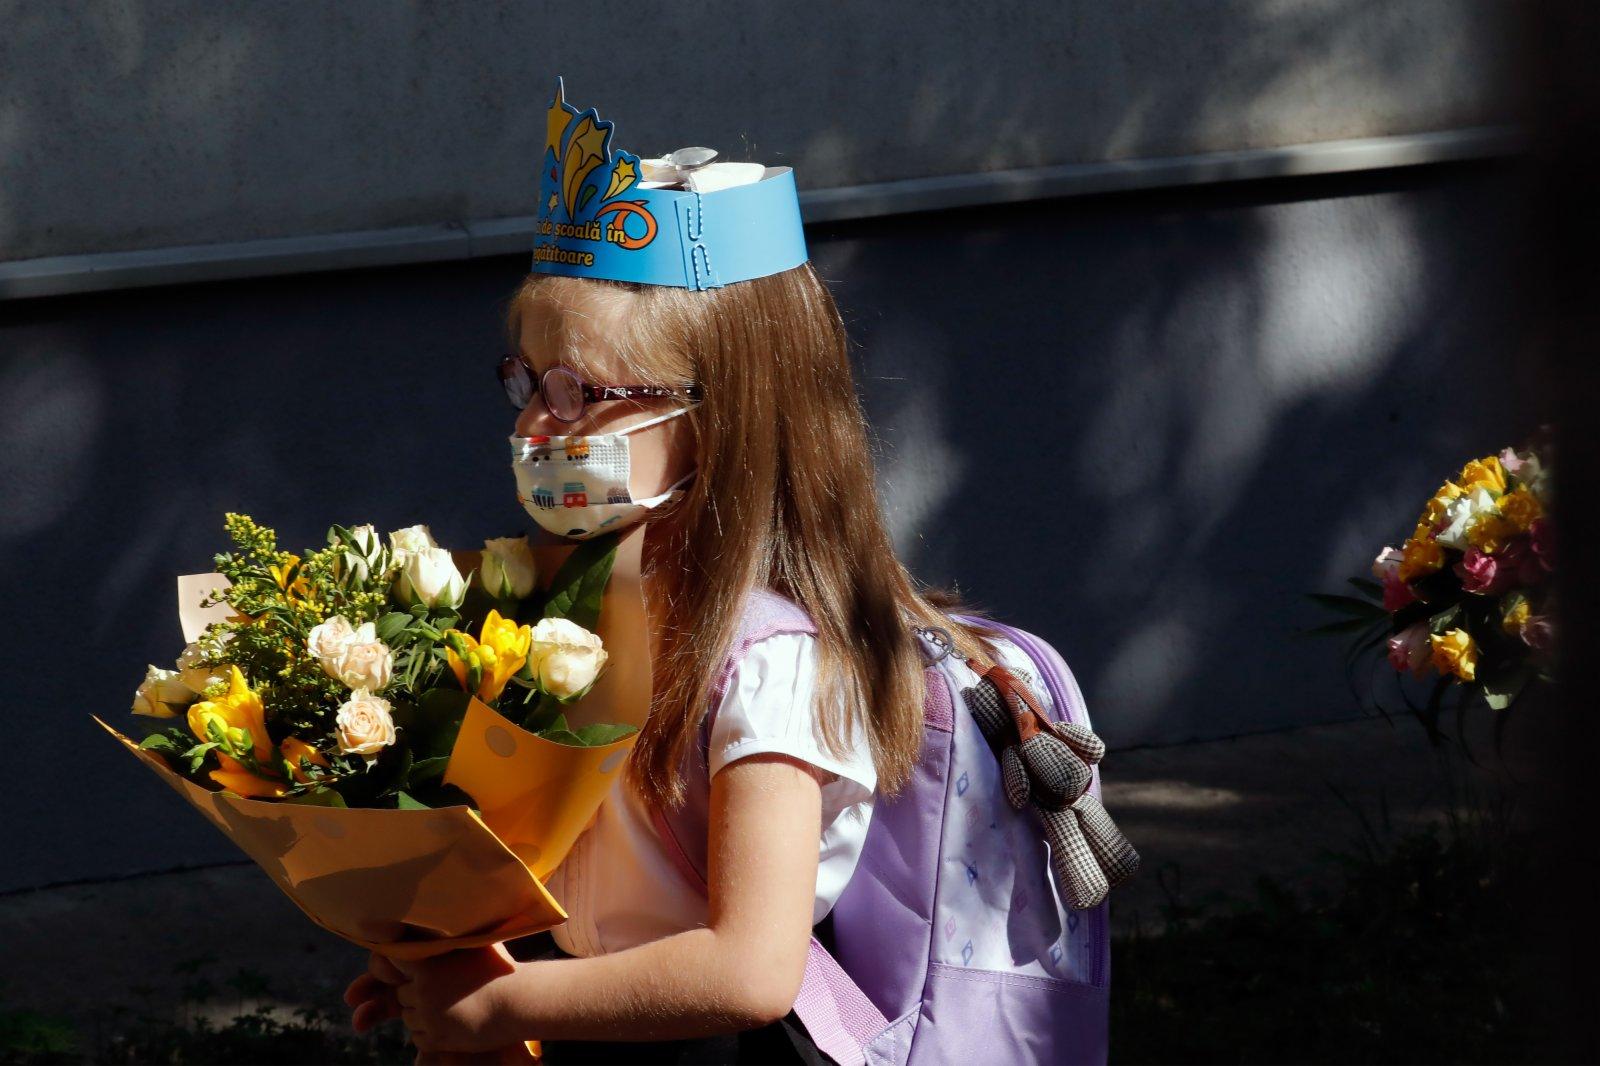 9月13日,在羅馬尼亞首都布加勒斯特,一名小學生進入學校參加新學期開學典禮。當日,羅馬尼亞全國中小學開學,由於疫情日趨嚴重,政府要求所有人員必須戴口罩。(新華社)